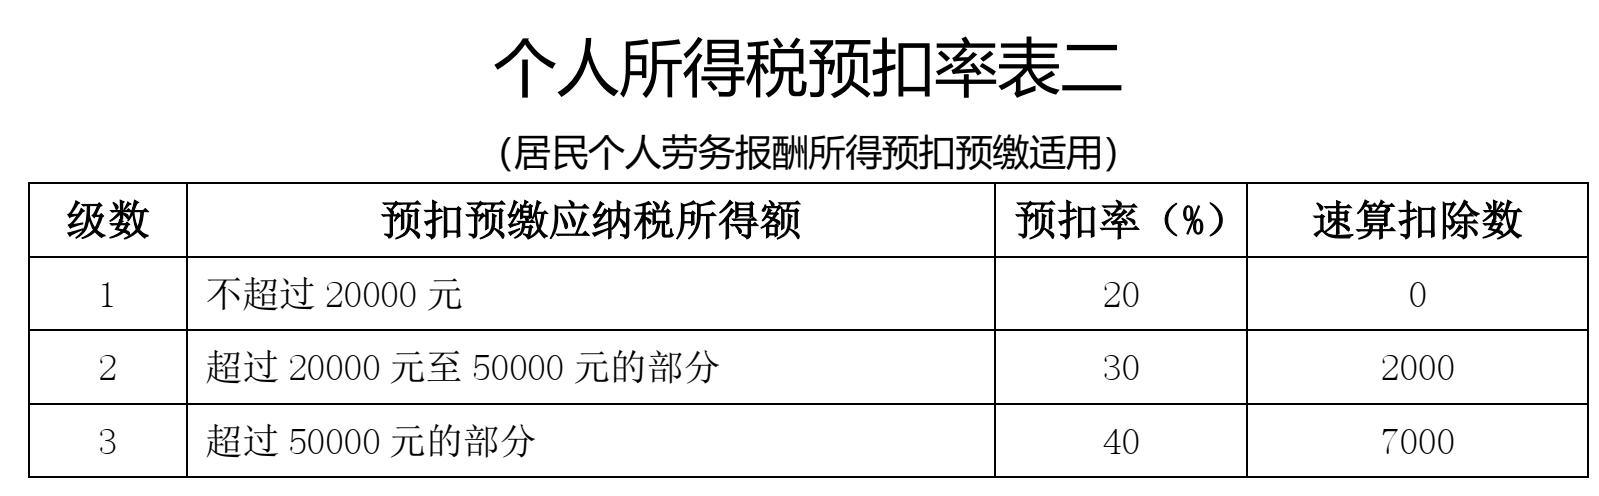 澄海记账报税 个人为公司提供劳务,取得劳务报酬如何交税?